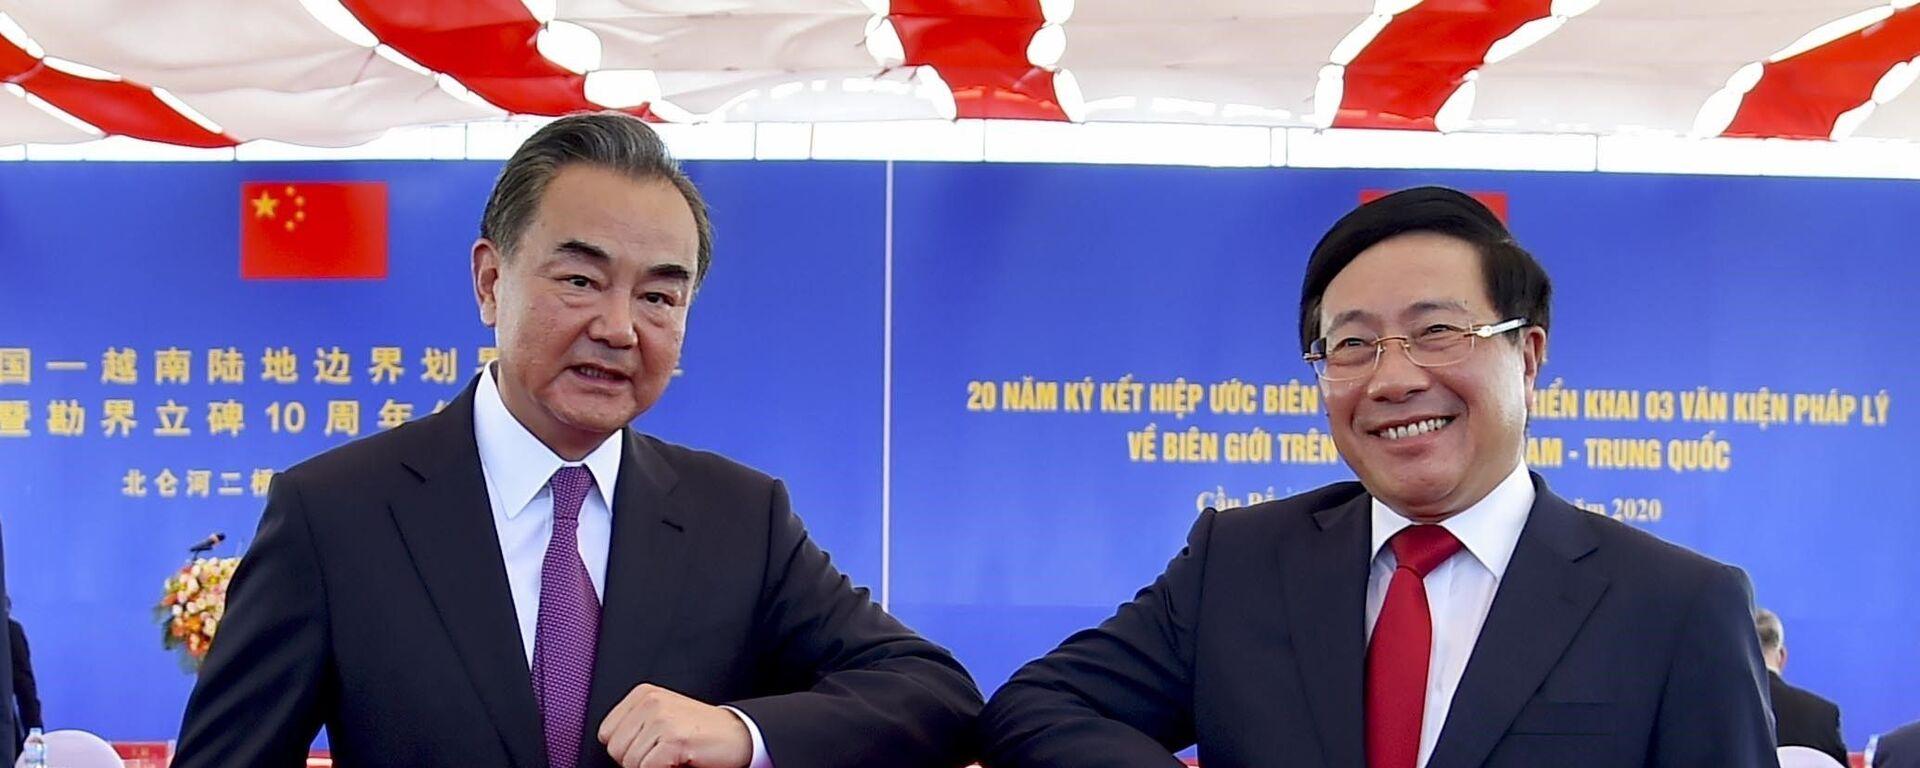 Trong ảnh: Phó Thủ tướng, Bộ trưởng Ngoại giao Phạm Bình Minh với Ủy viên Quốc vụ, Bộ trưởng Bộ Ngoại giao Trung Quốc Vương Nghị tại Lễ kỷ niệm. Ảnh: TTXVN - Sputnik Việt Nam, 1920, 24.08.2020